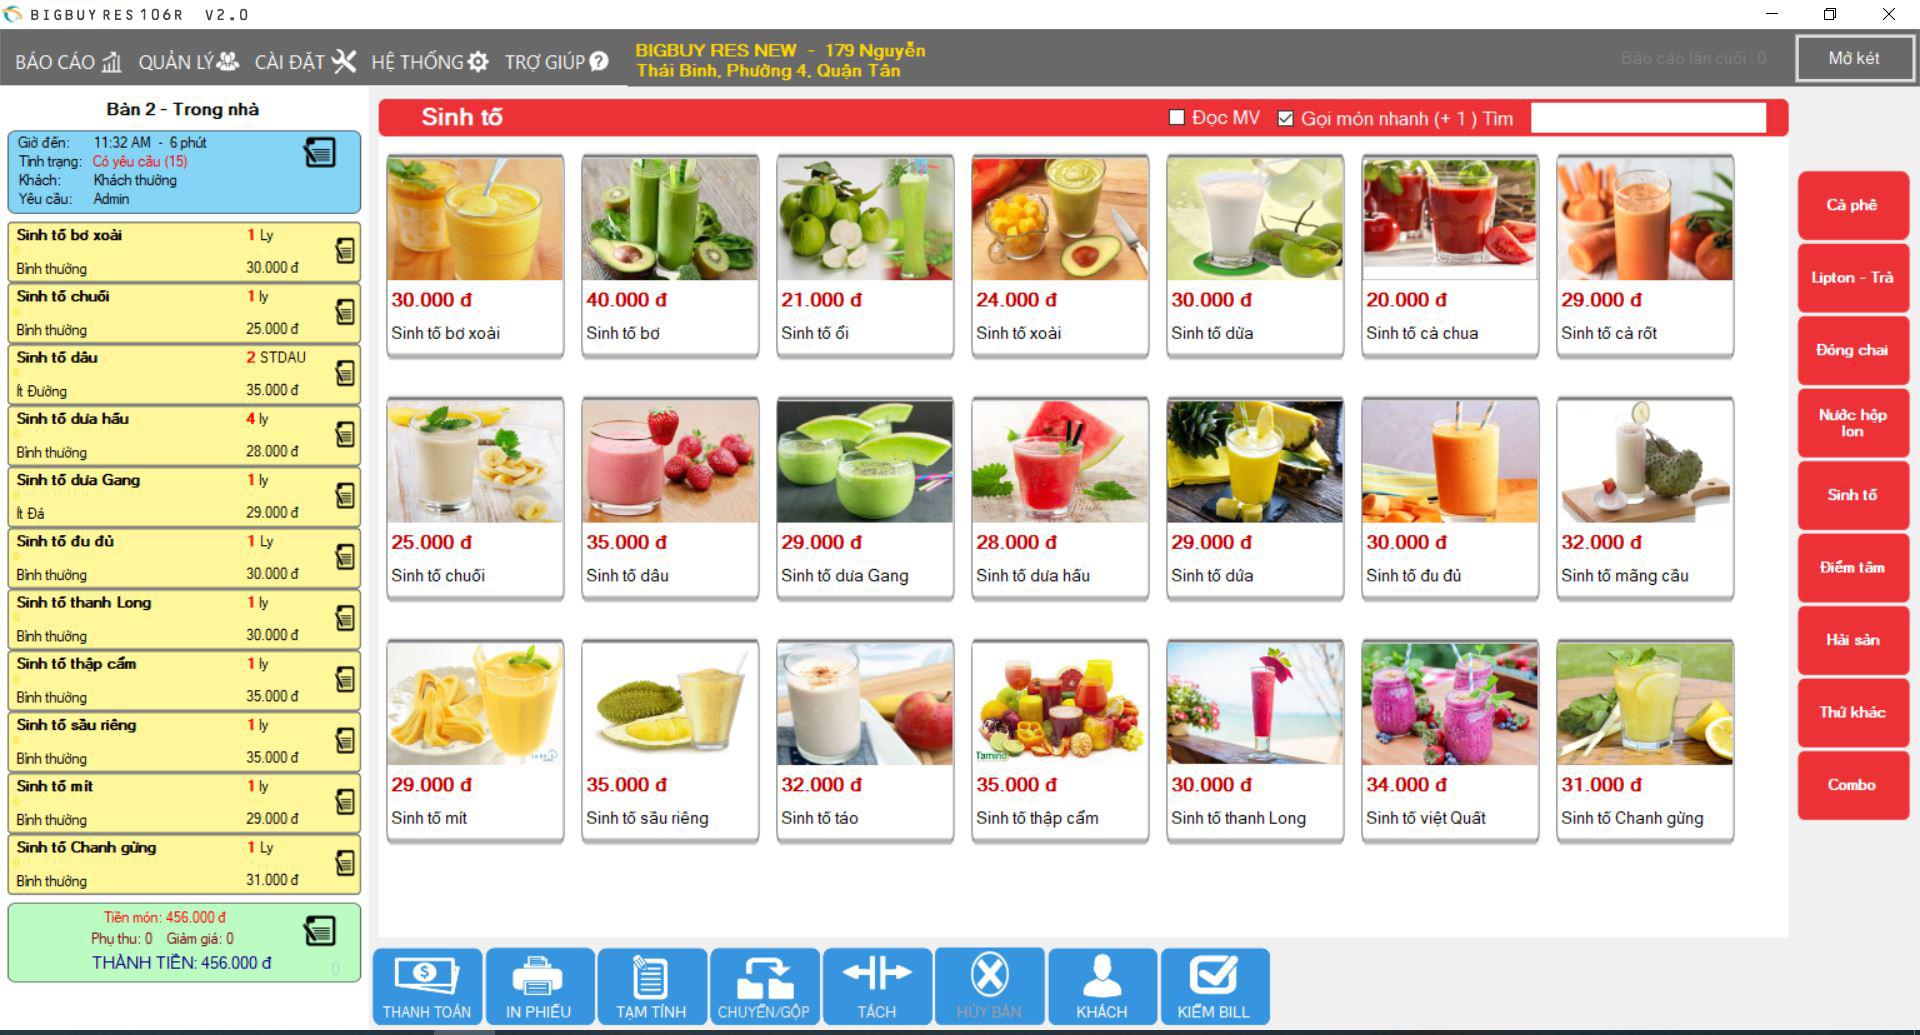 Phần mềm bán hàng 106R